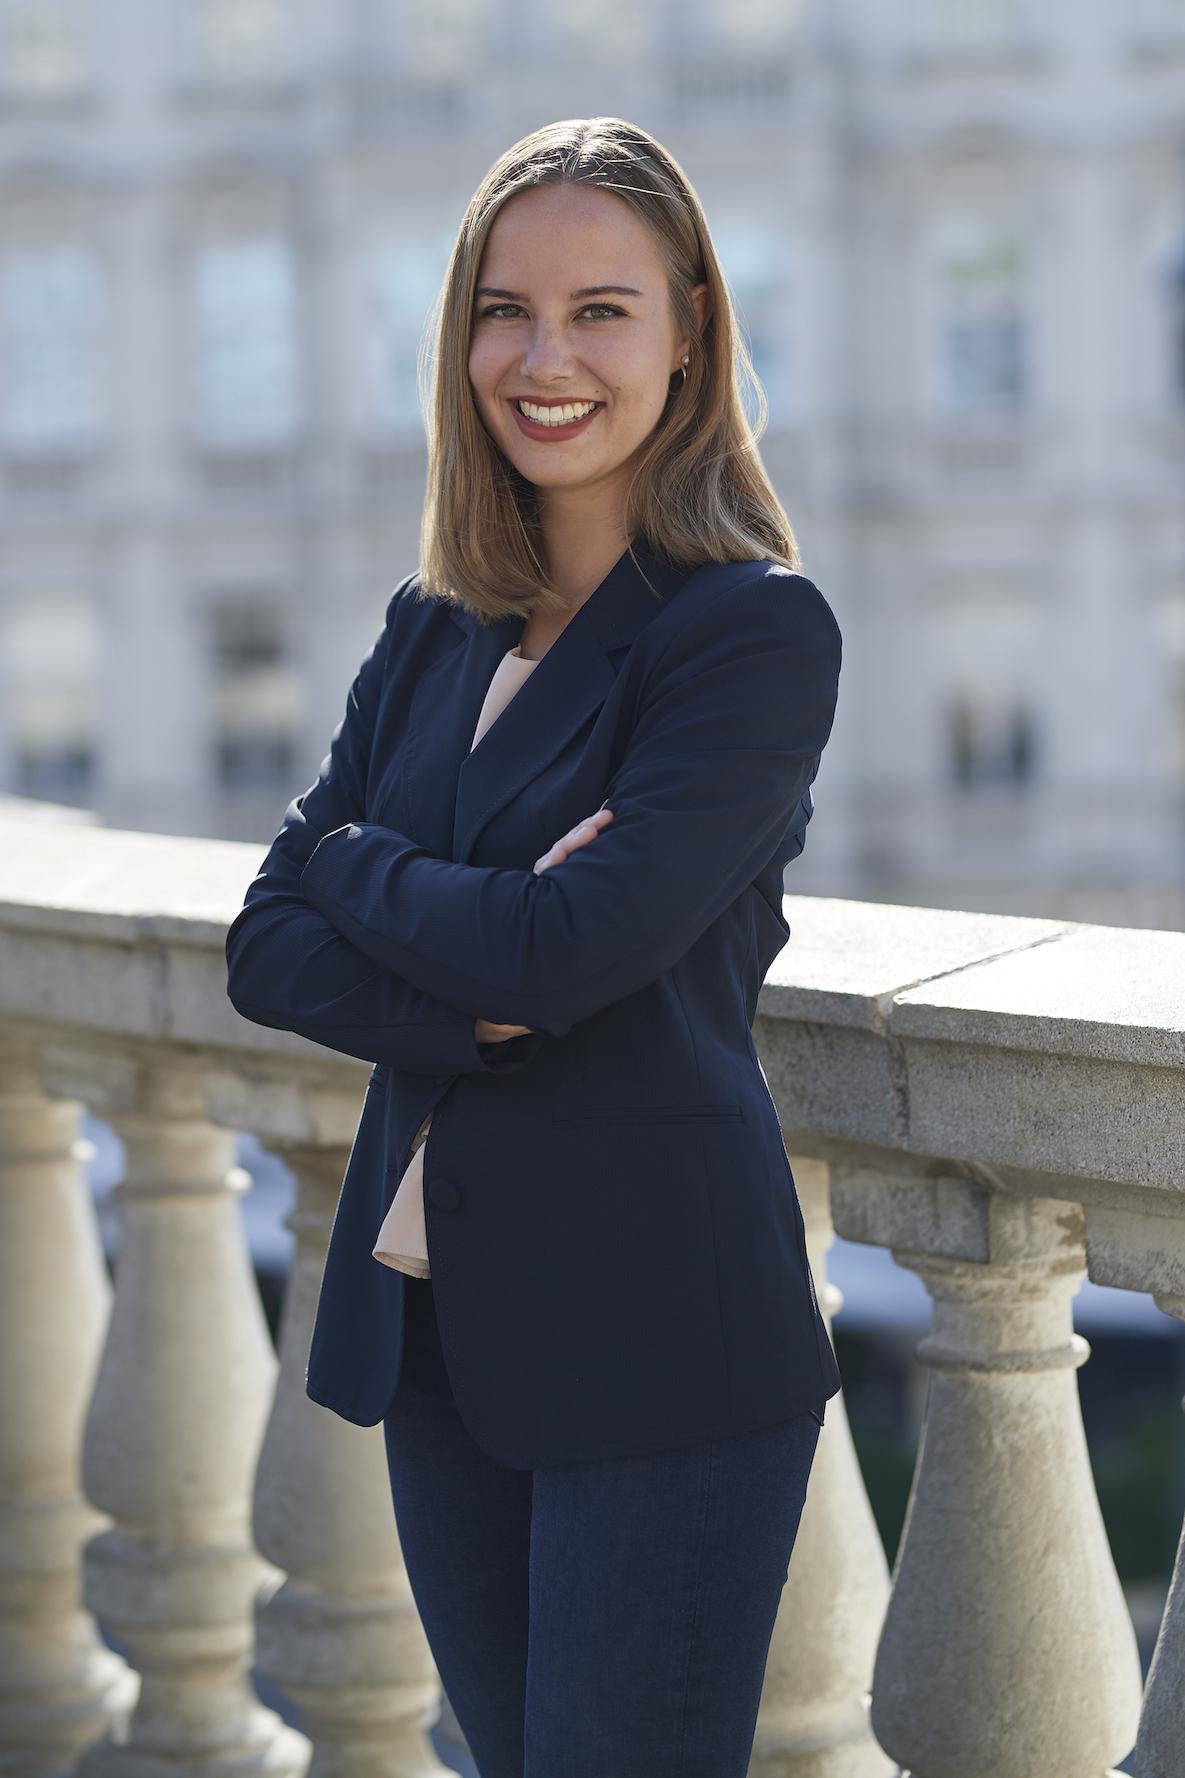 Stephanie Payer